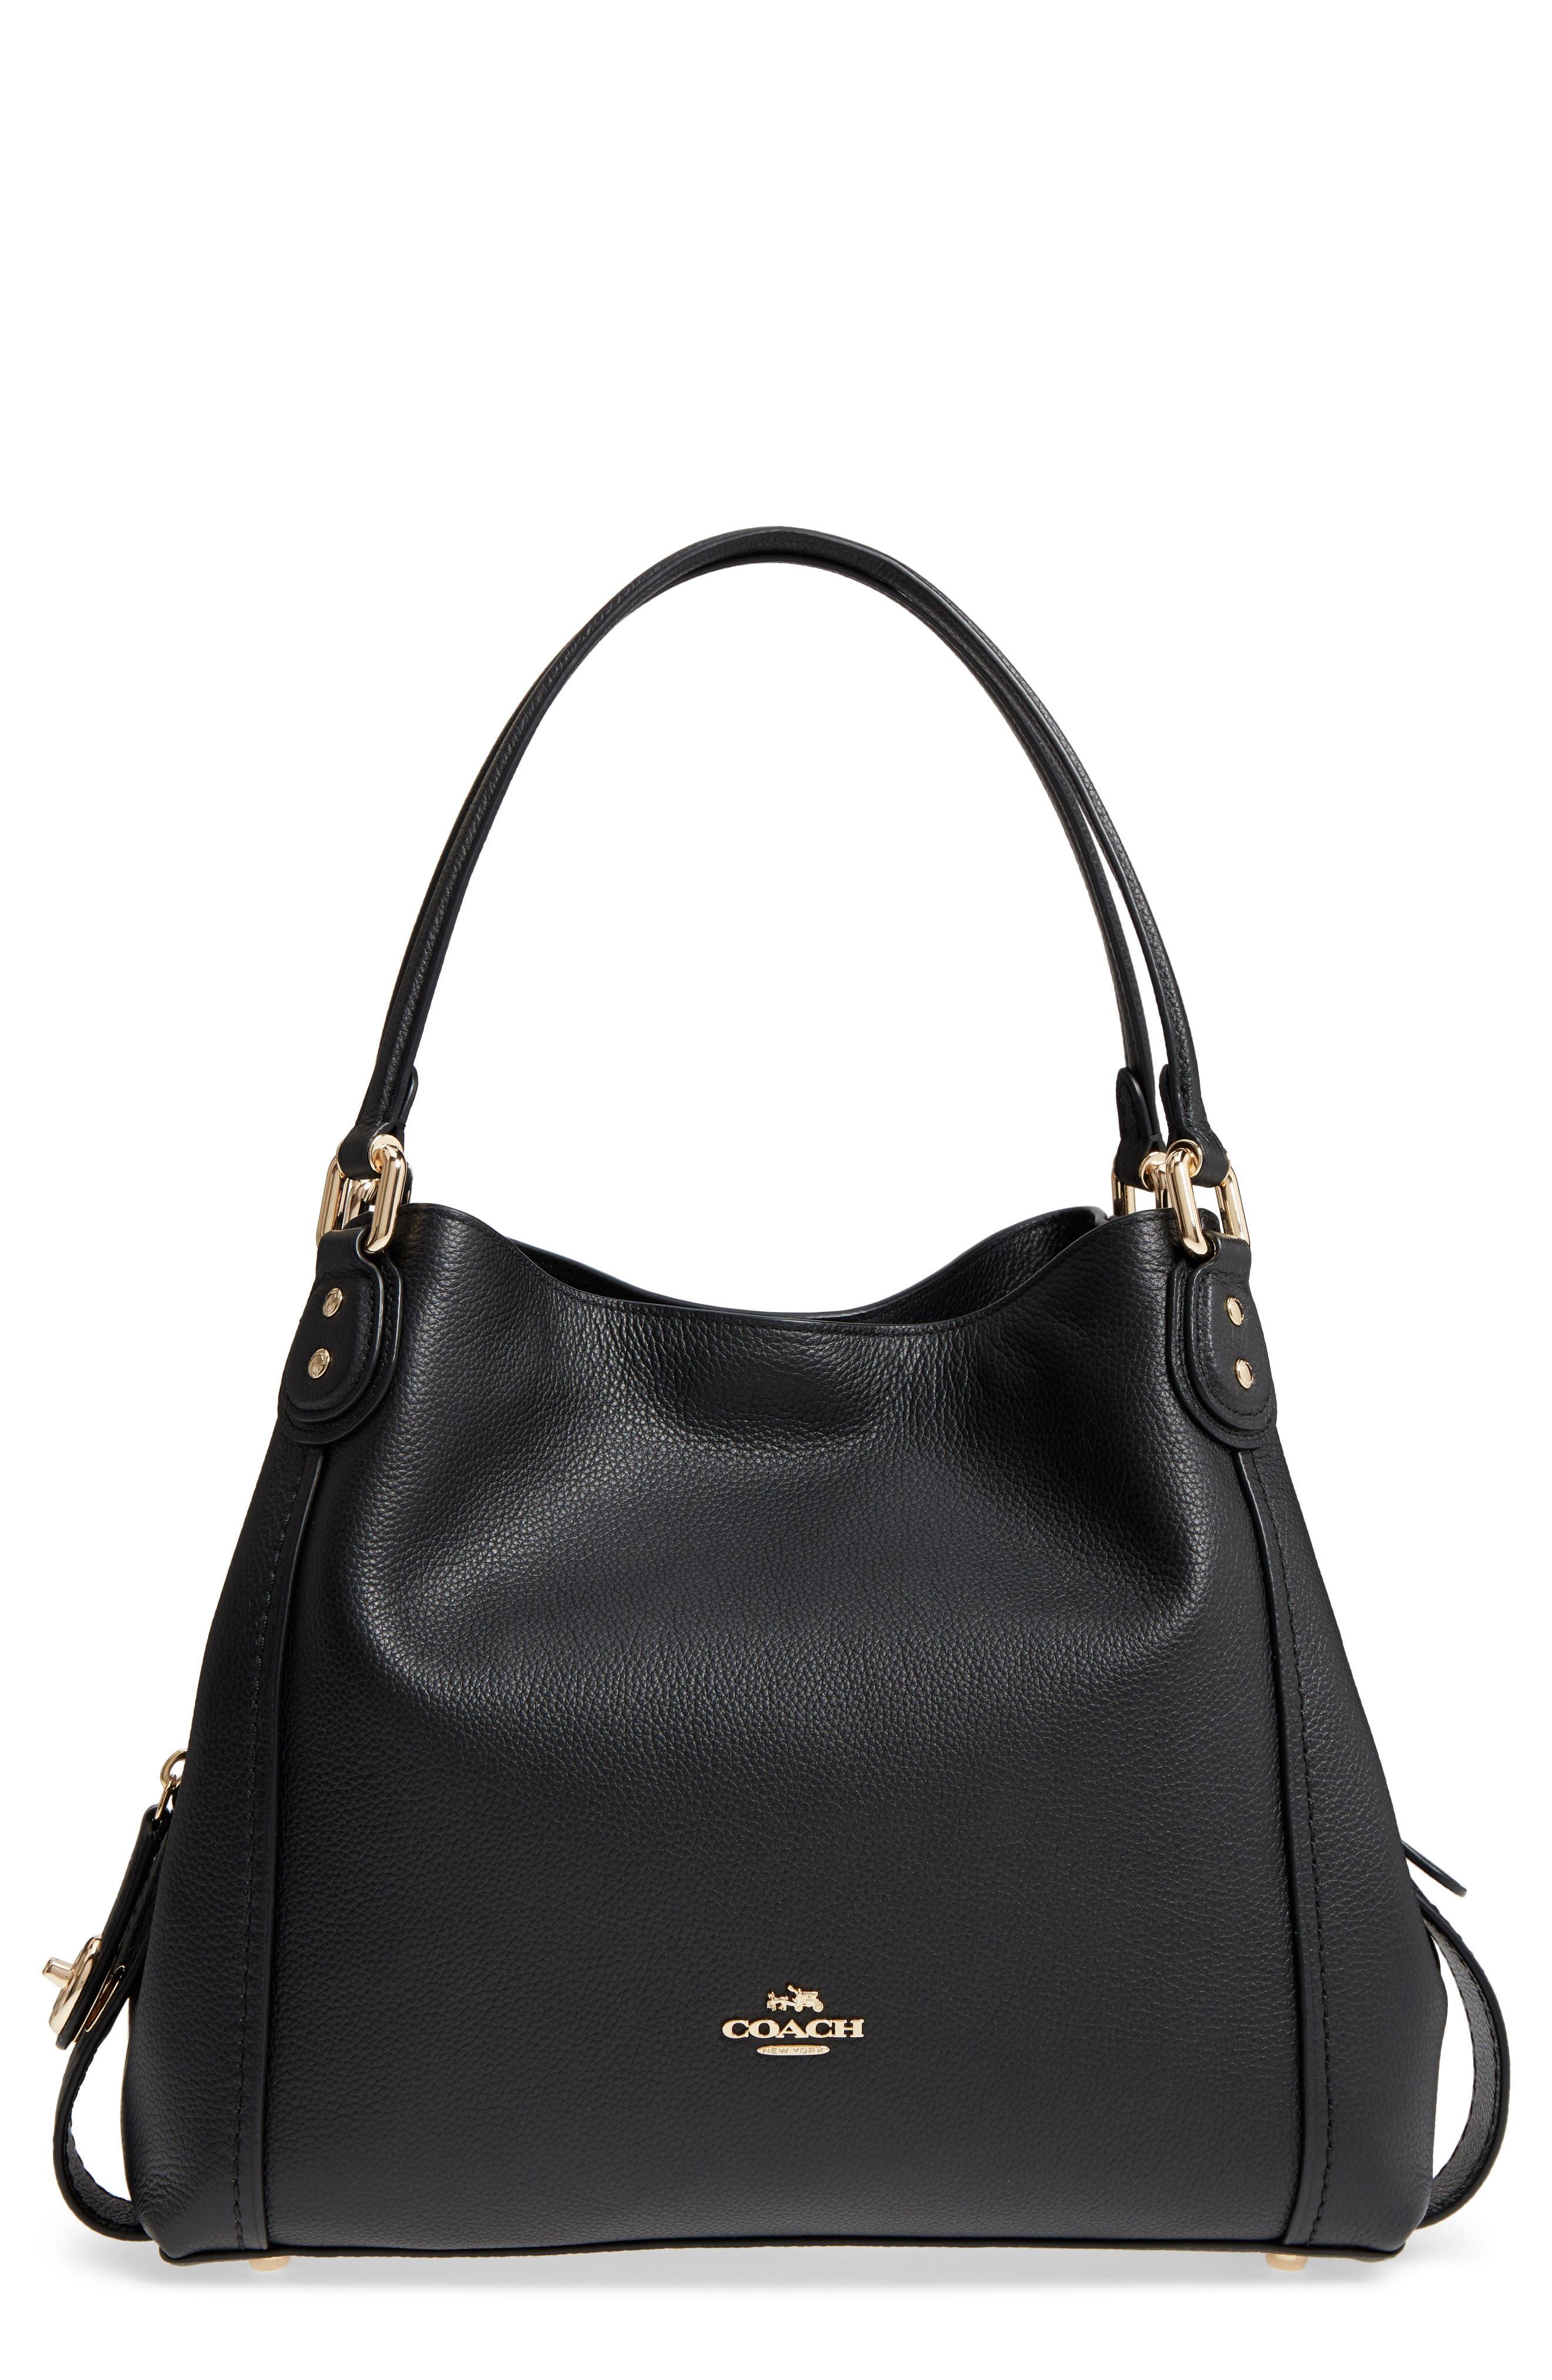 Edie 31 Pebbled Leather Shoulder Bag,                         Main,                         color, Black